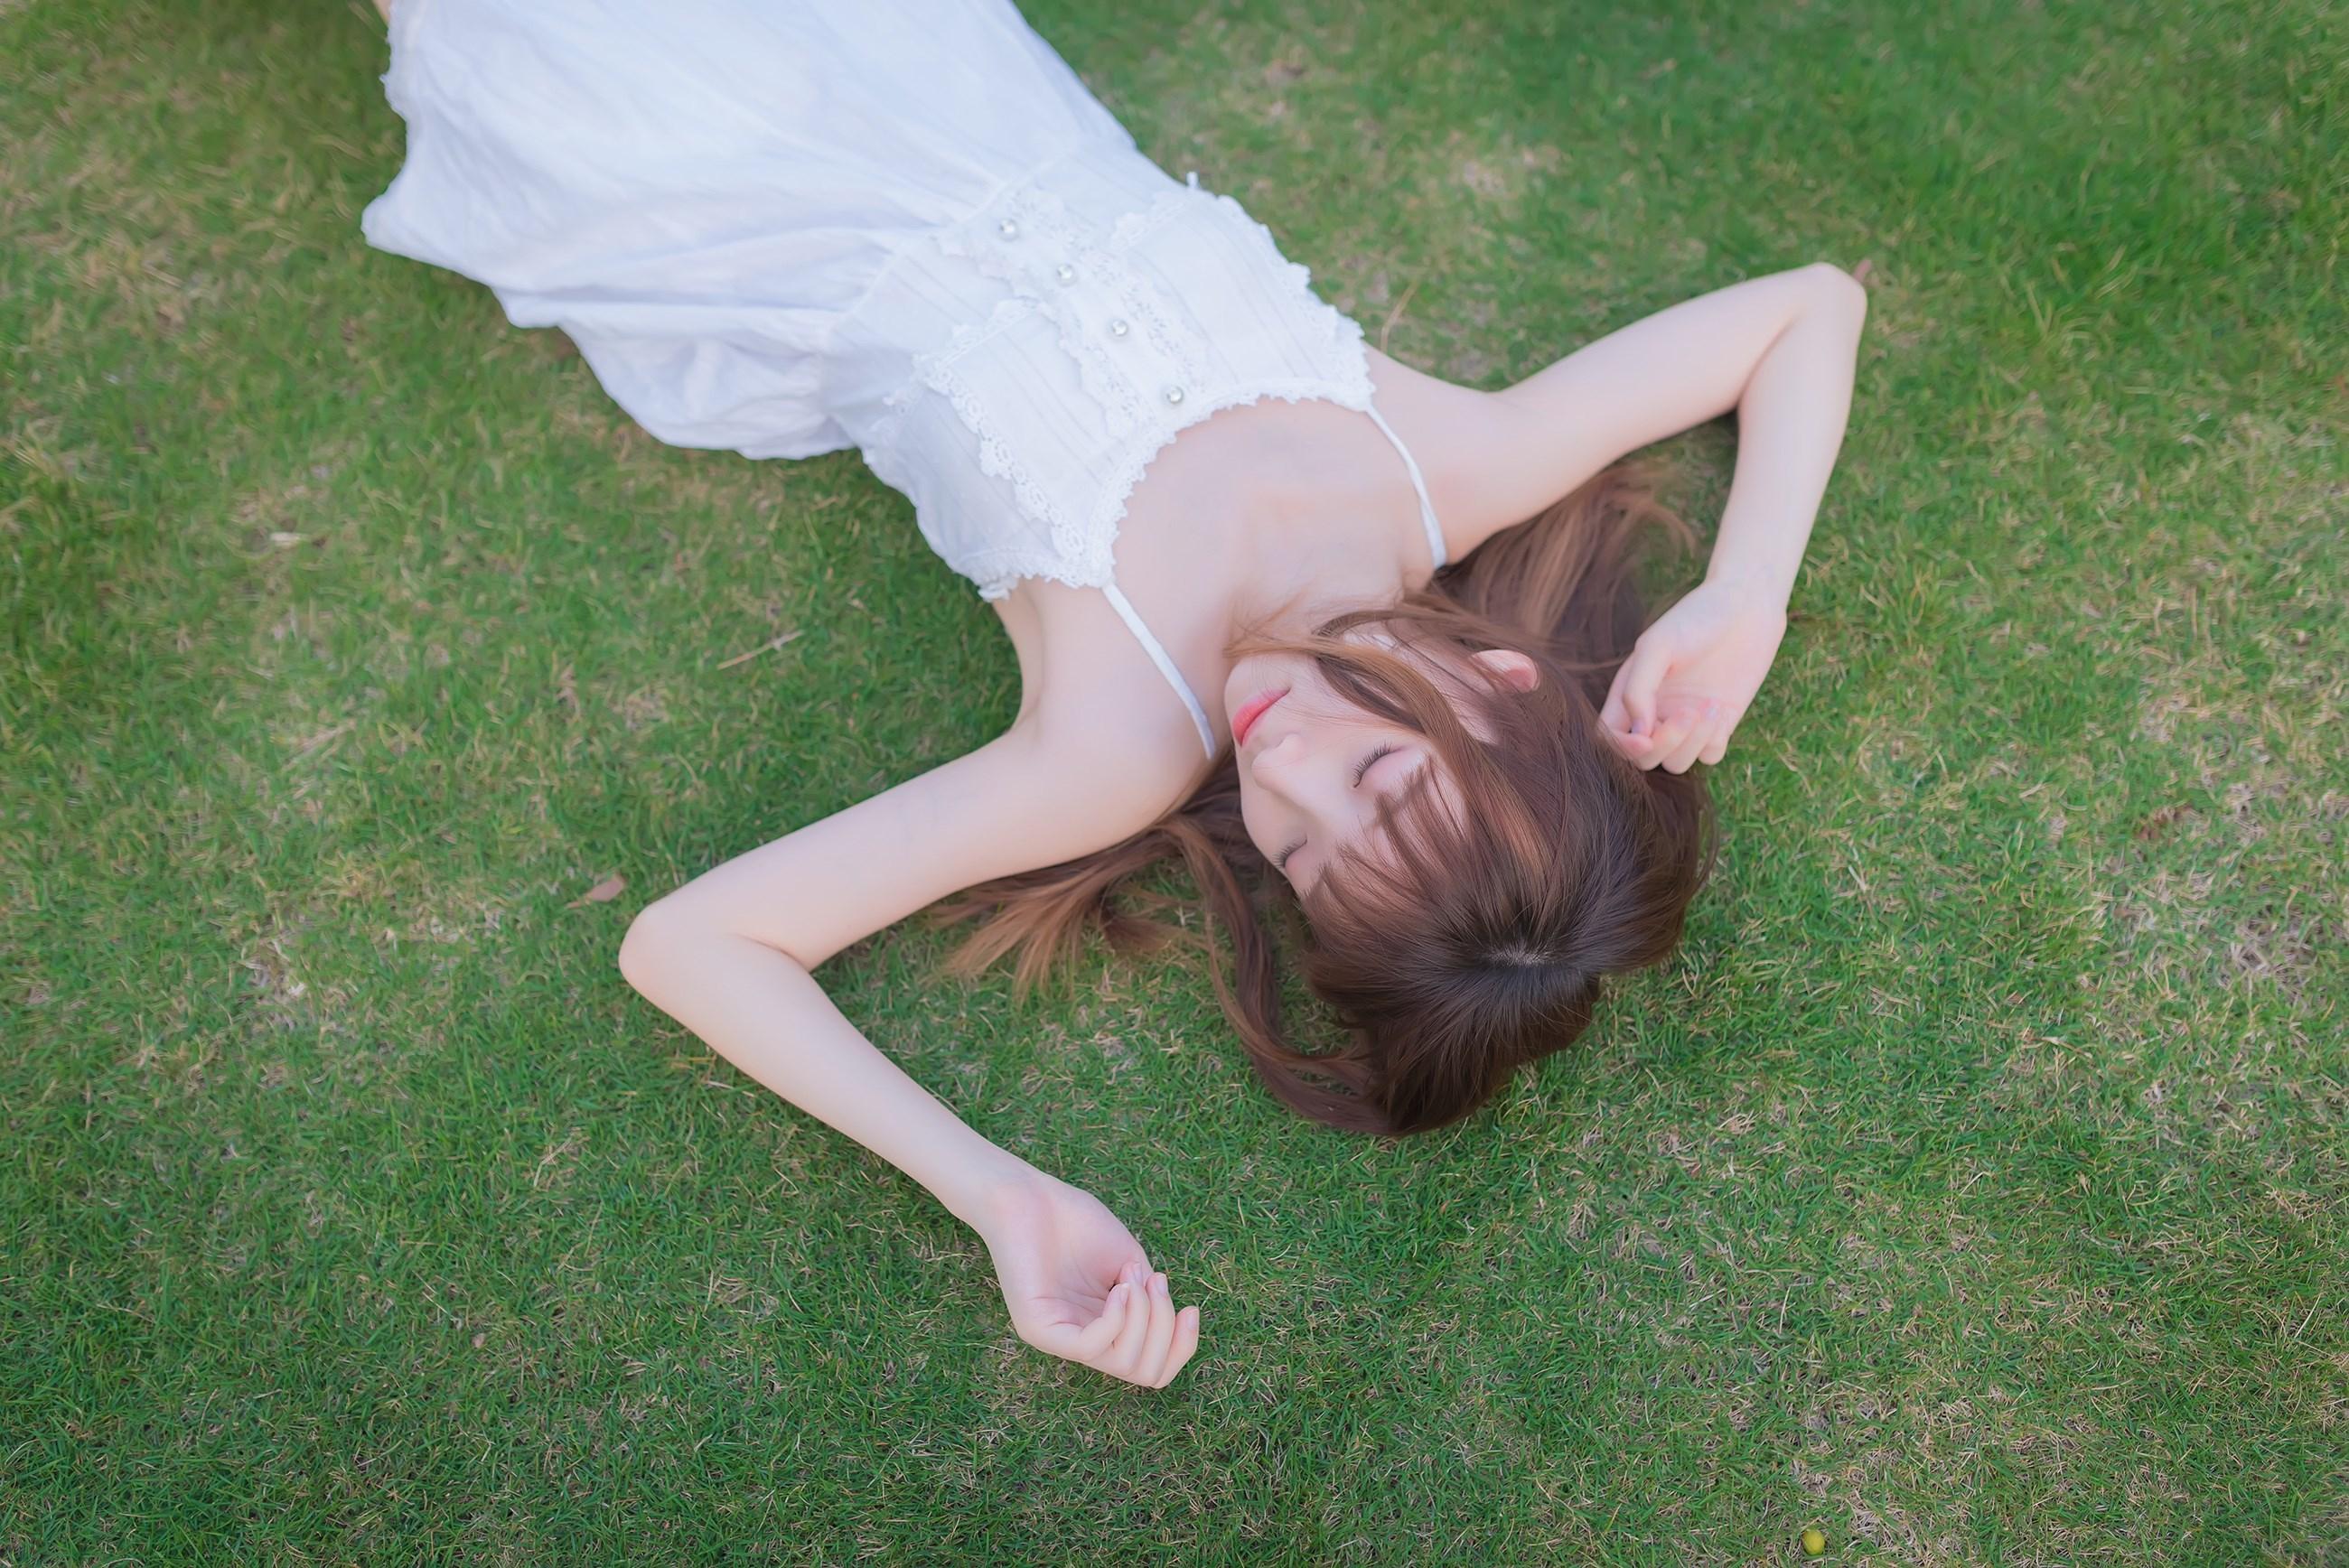 【兔玩映画】青春的气息 兔玩映画 第8张